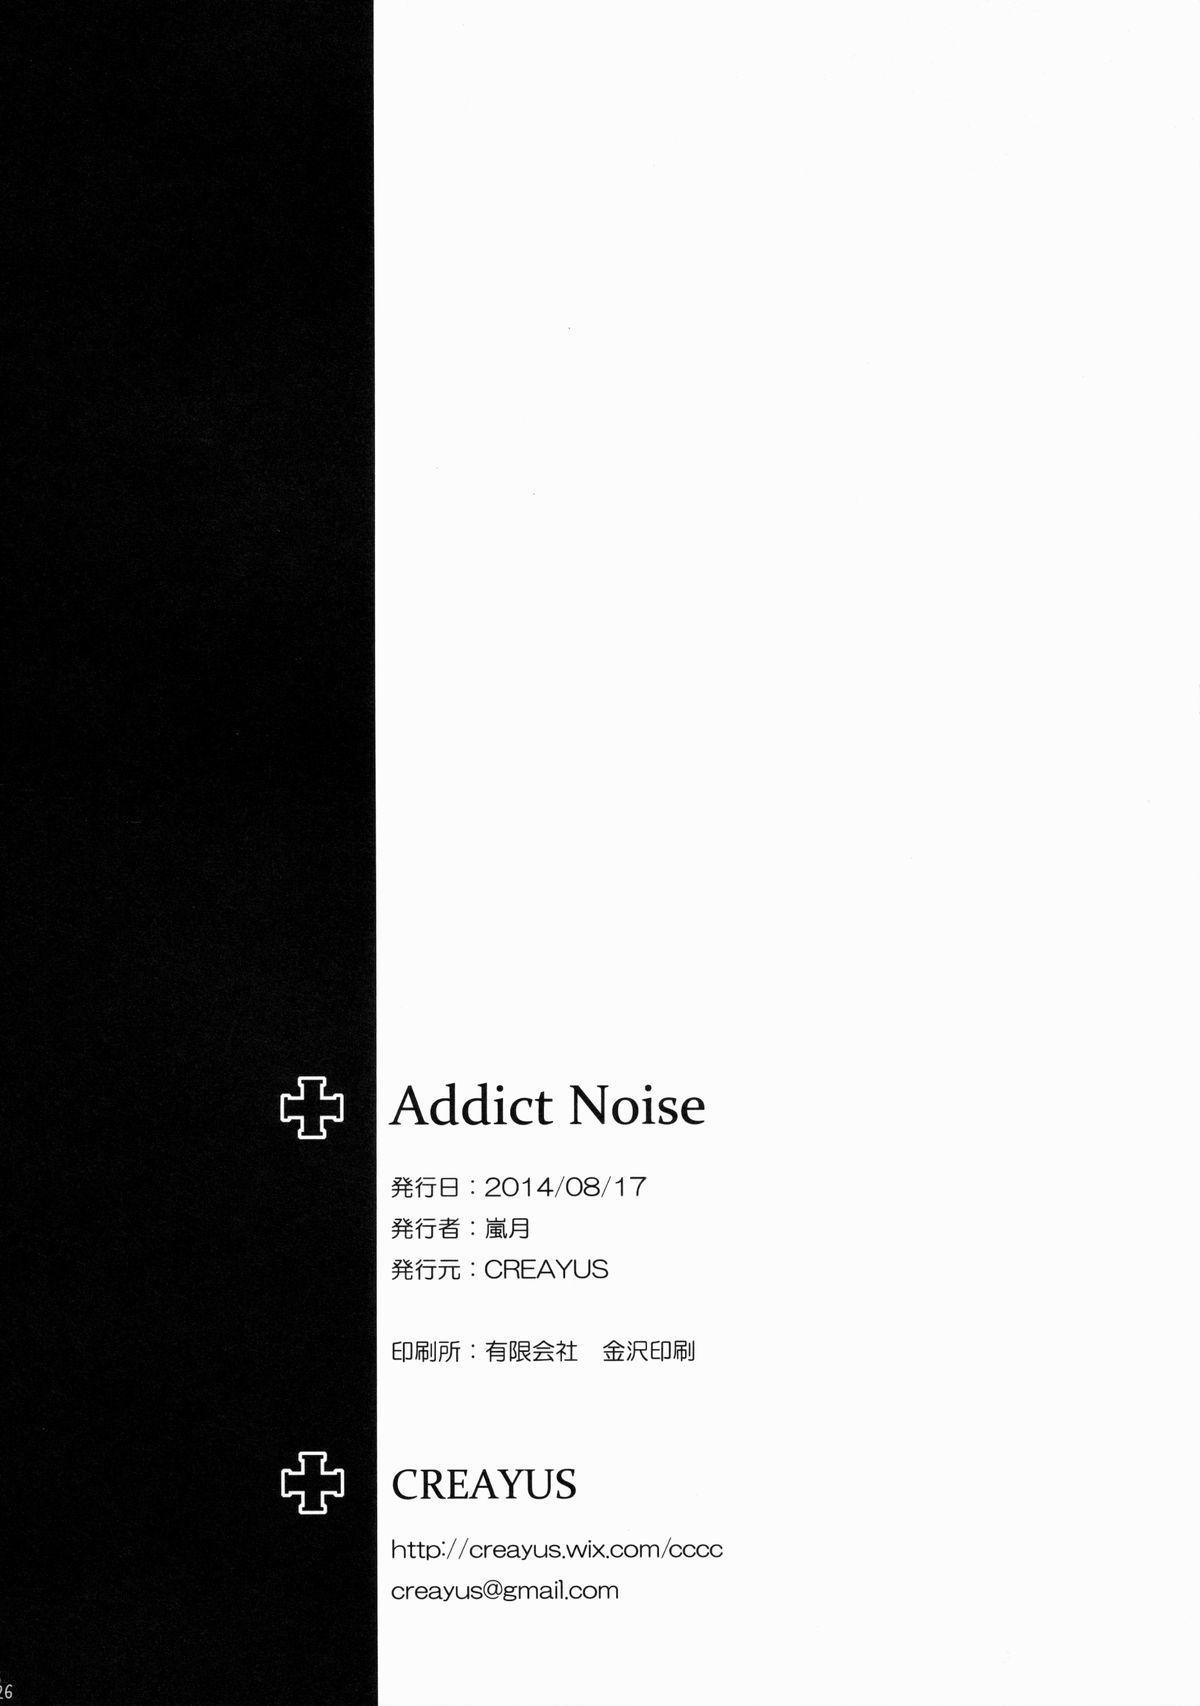 ADDICT NOISE 27